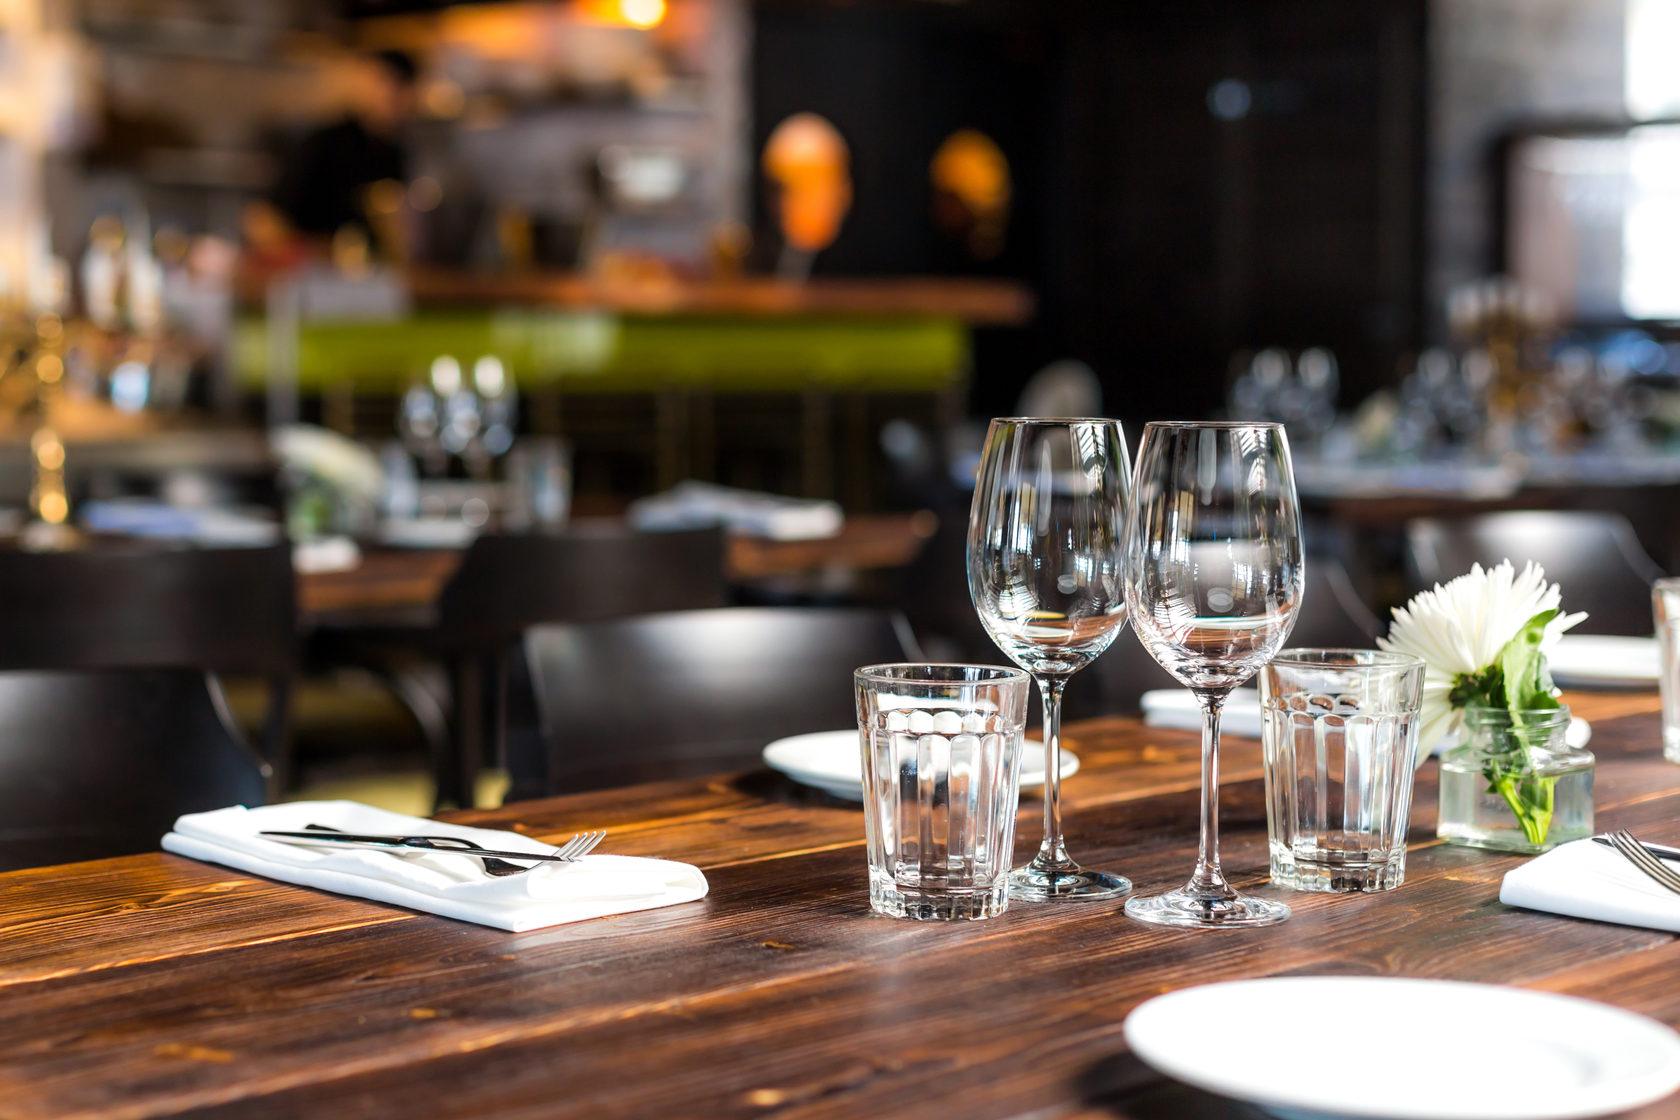 Картинка ресторанного столика